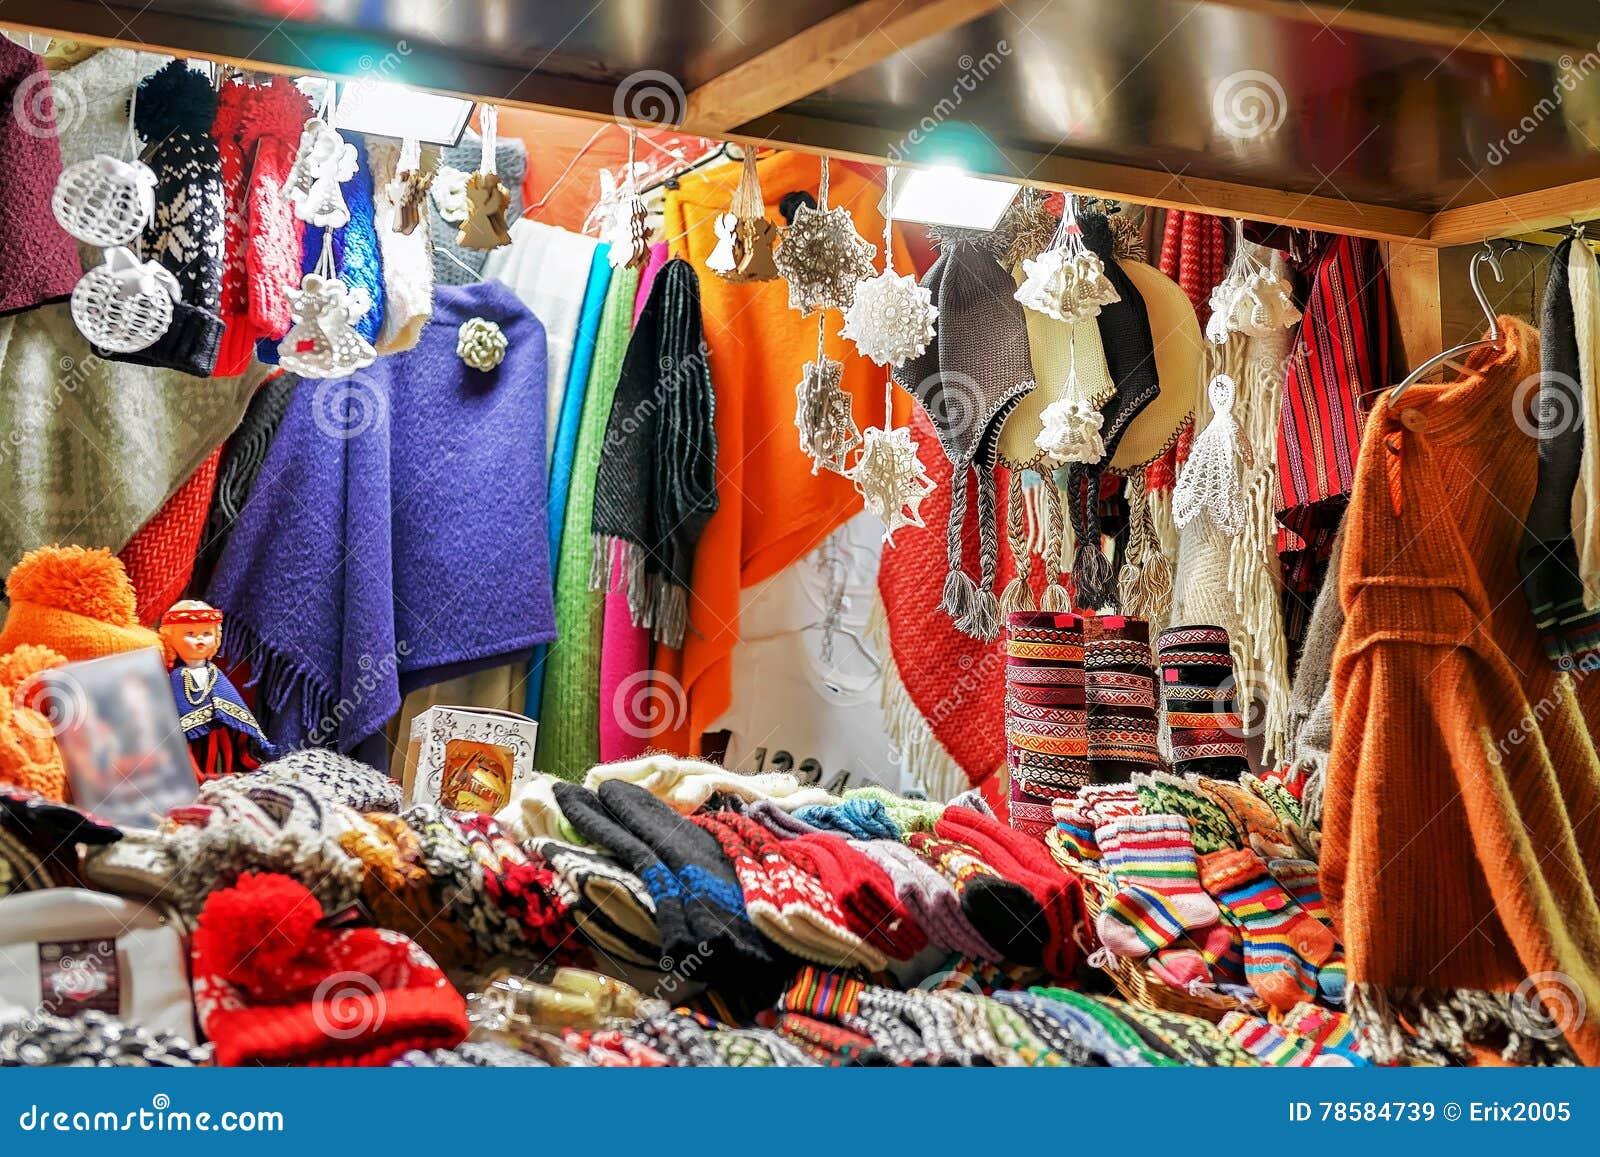 divers design prix d'usine nouveau produit Calez Avec Les Vêtements De Laine Colorés Au Marché De Noël ...